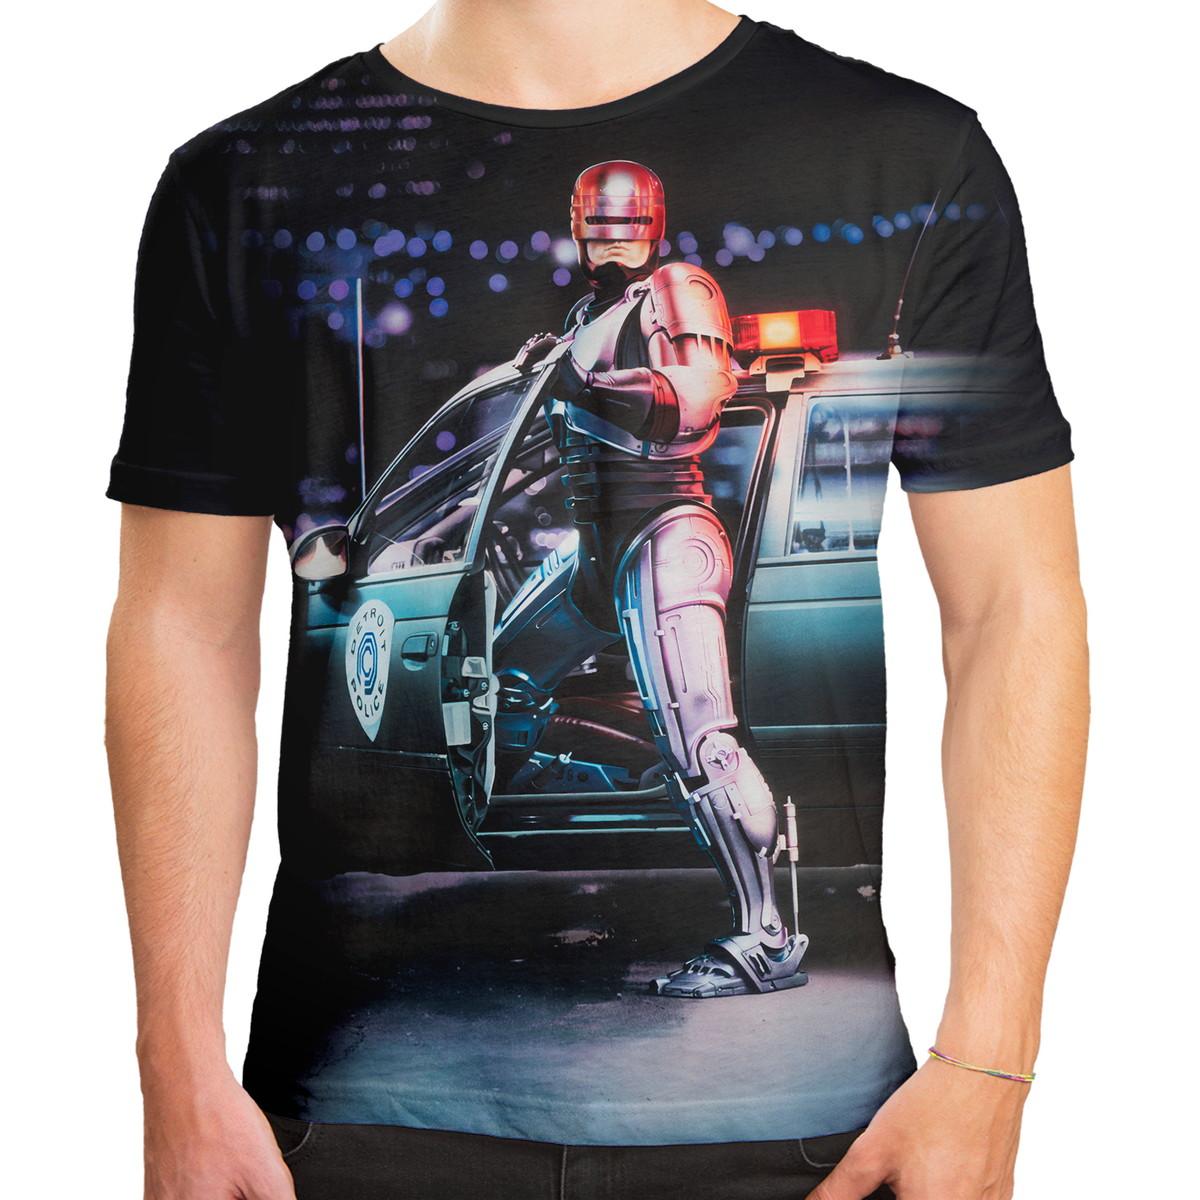 842c0e20d Camiseta Masculina Robocop O Policial Do Futuro Alex Murphy no Elo7 ...